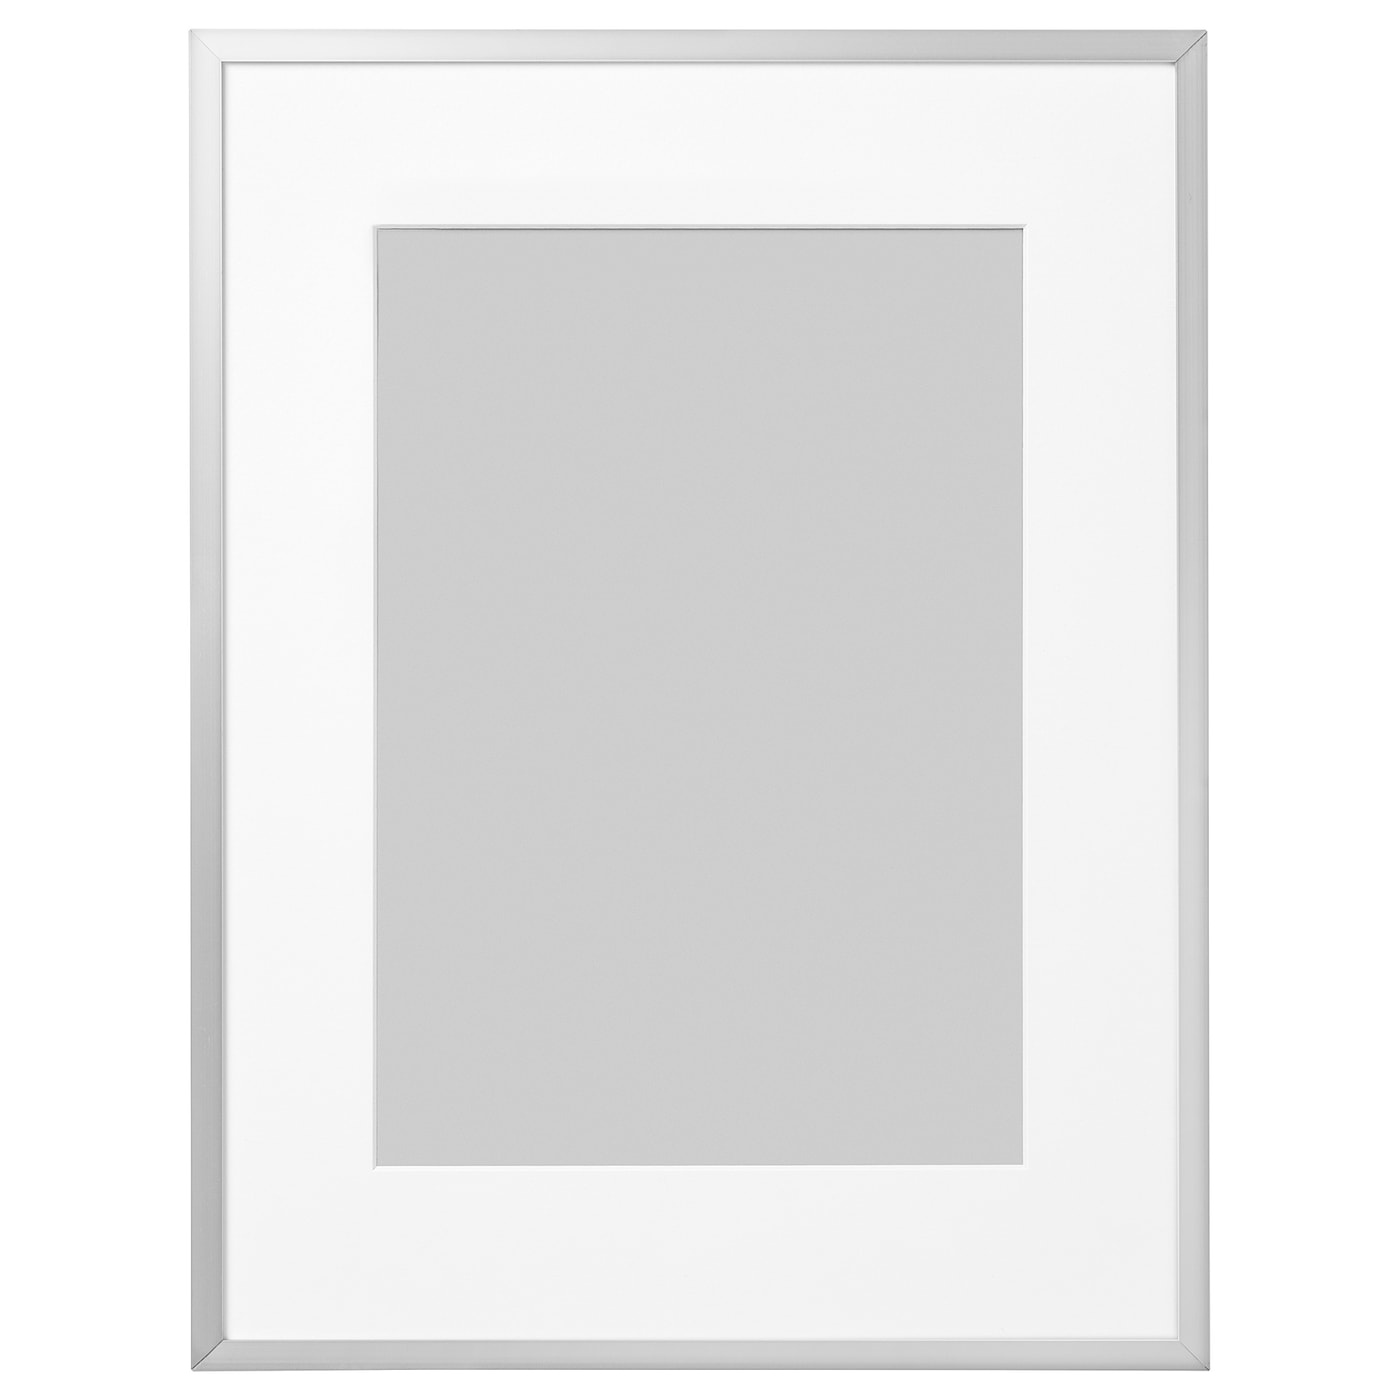 10x15cm. 10 Stück Set IKEA FISKBO Bilderrahmen// Fotorahmen// Neu// OVP Weiß